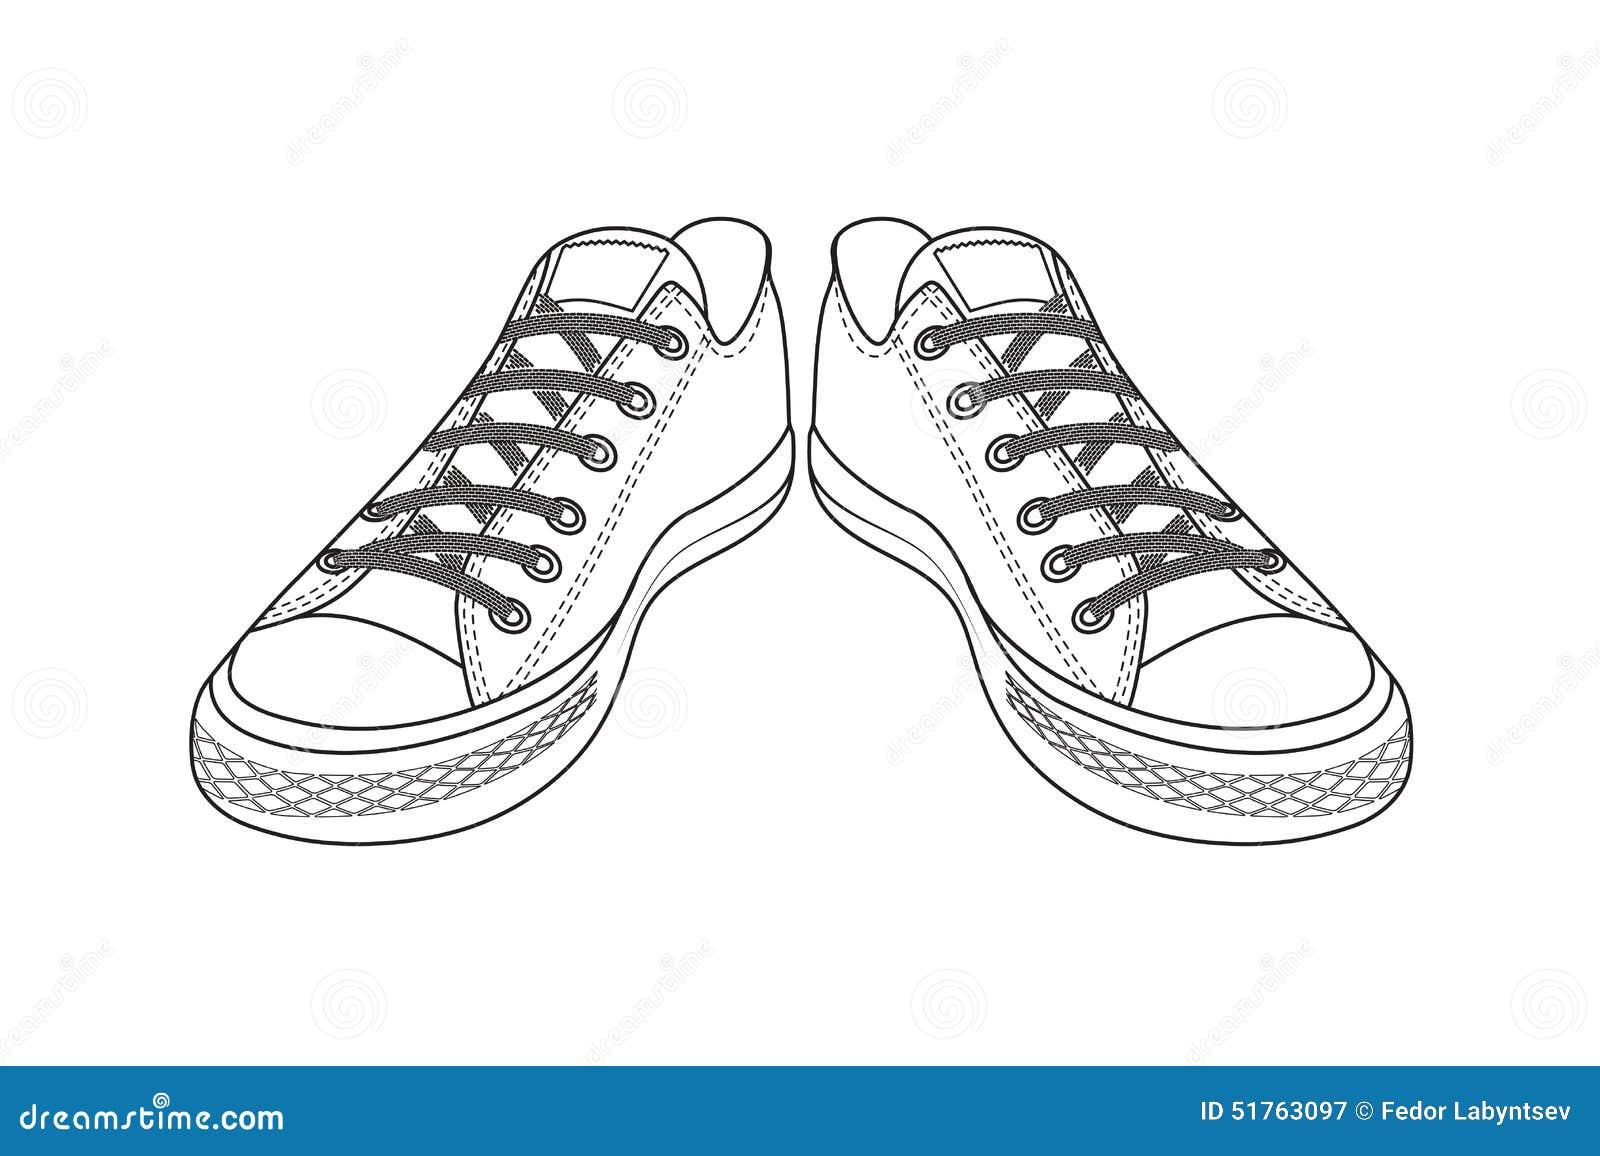 Dessin des chaussures de sports chaussures faciles de la jeunesse  Photographie stock libre de droits